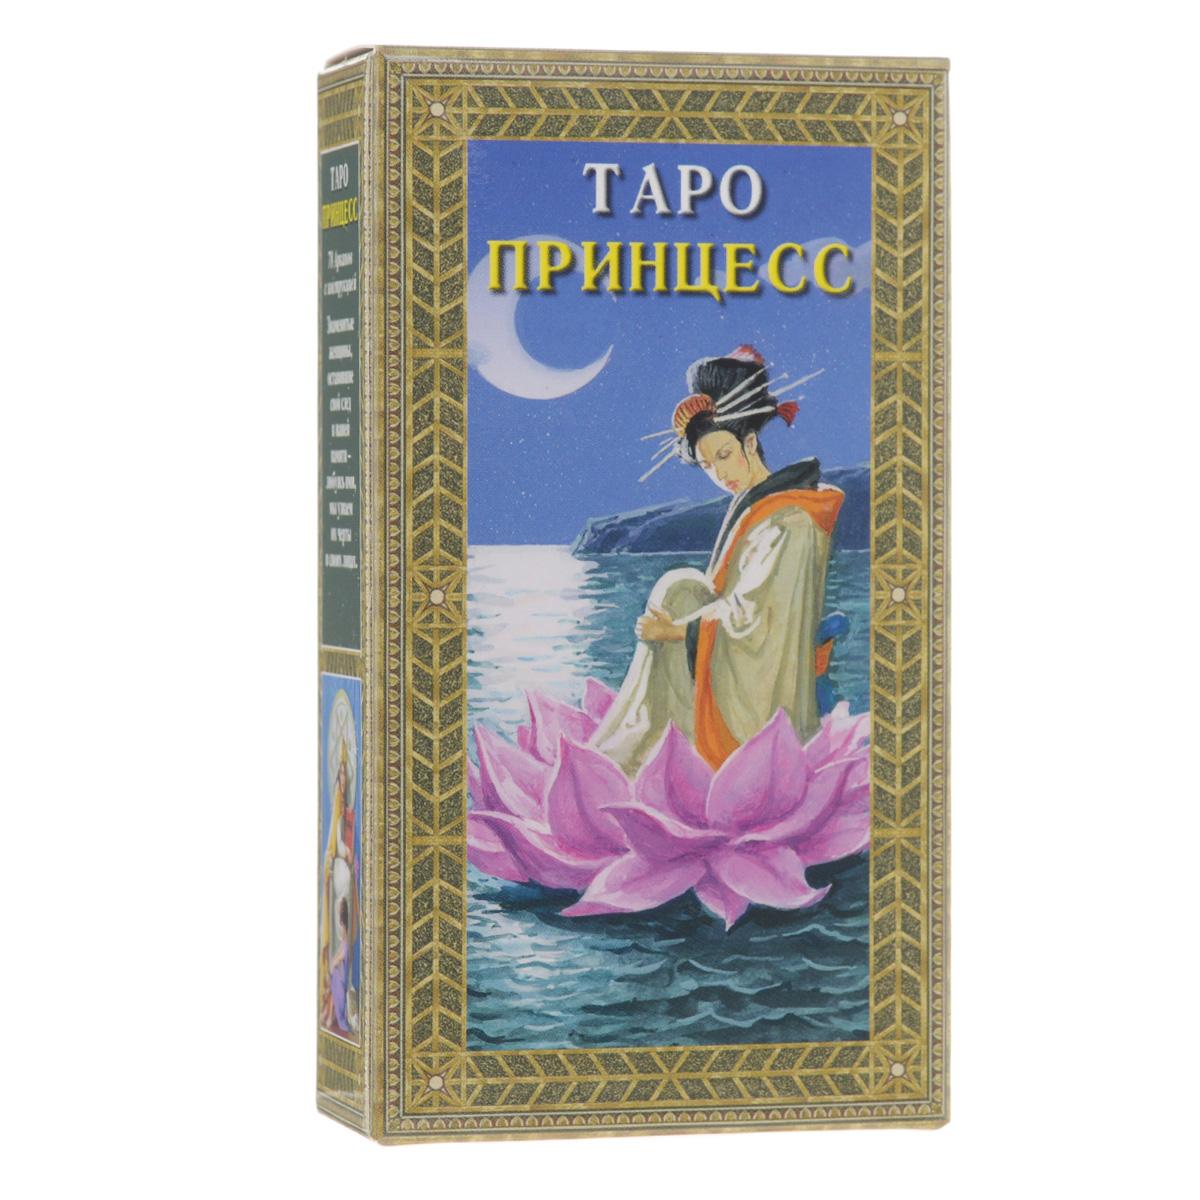 Карты Таро Аввалон-Ло скарабео Таро Принцесс, инструкция на русском языке. AV167AV167Карты Таро Принцесс состоит из 78 гадальных картонных карт и инструкции на русском языке. Эта красочная колода карт Таро рекомендована для женщин. Она создана талантливым иллюстратором Северино Баральди с мыслью о том, что всех женщин, сестер и матерей, любимых и жен, дочерей и подруг объединяет знание того, что все они - воплощение Великой Матери Мира. На картах этой колоды - знаменитые женщины, оставившие свой след в нашей памяти. Колода отличается высоким качеством исполнения и четкими, красочными изображениями. Такая колода станет великолепным подарком для любого человека, увлекающегося мистикой и магией. Карты Таро - система символов, колода из 78 карт, появившаяся в Средневековье в XIV-XVI веке, в наши дни используется преимущественно для гадания. Изображения на картах Таро имеют свою особую символику и сложное истолкование с точки зрения астрологии, оккультизма и алхимии, поэтому традиционно Таро связывается с тайным знанием и считается загадочным. ...